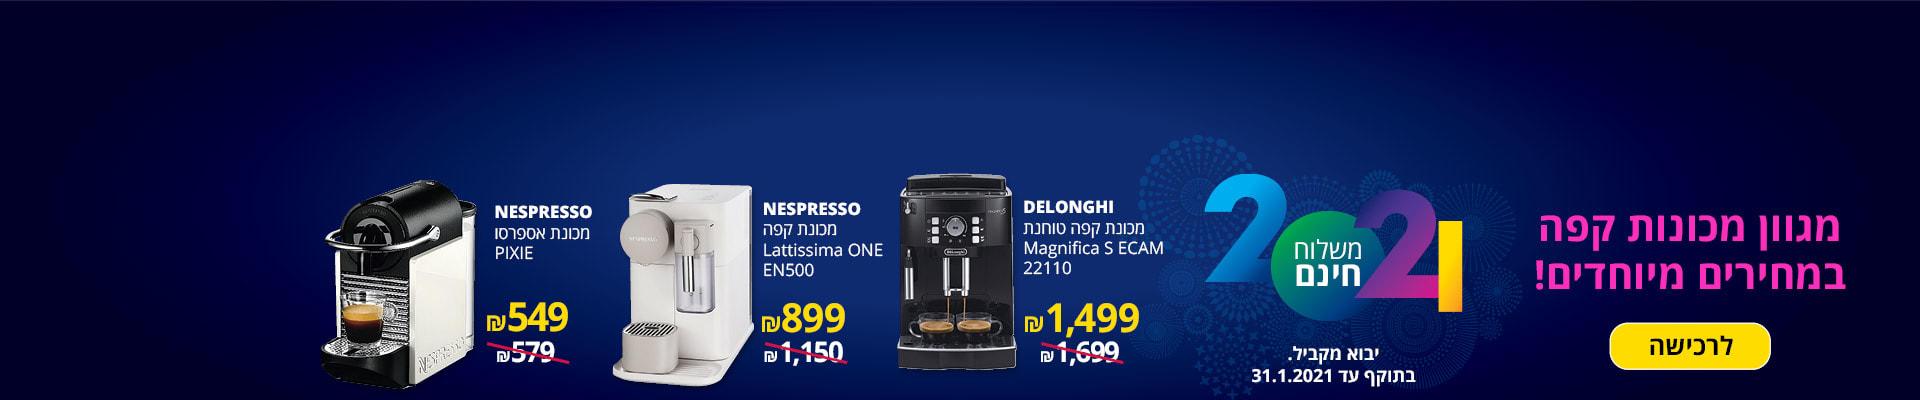 מגוון מכונות קפה במחירים מיוחדים! DELONGHI מכונת קפה טוחנת Magnifuca s ECAM 1499 ₪ ,NESPRESSO מכונת קפה Lattissima ONE EN500 899 ₪ , NESPRESSO מכונת אספרסו PIXIE 549 ₪ משלוח חינם לרכישה, בתוקף עד 31.1.2021